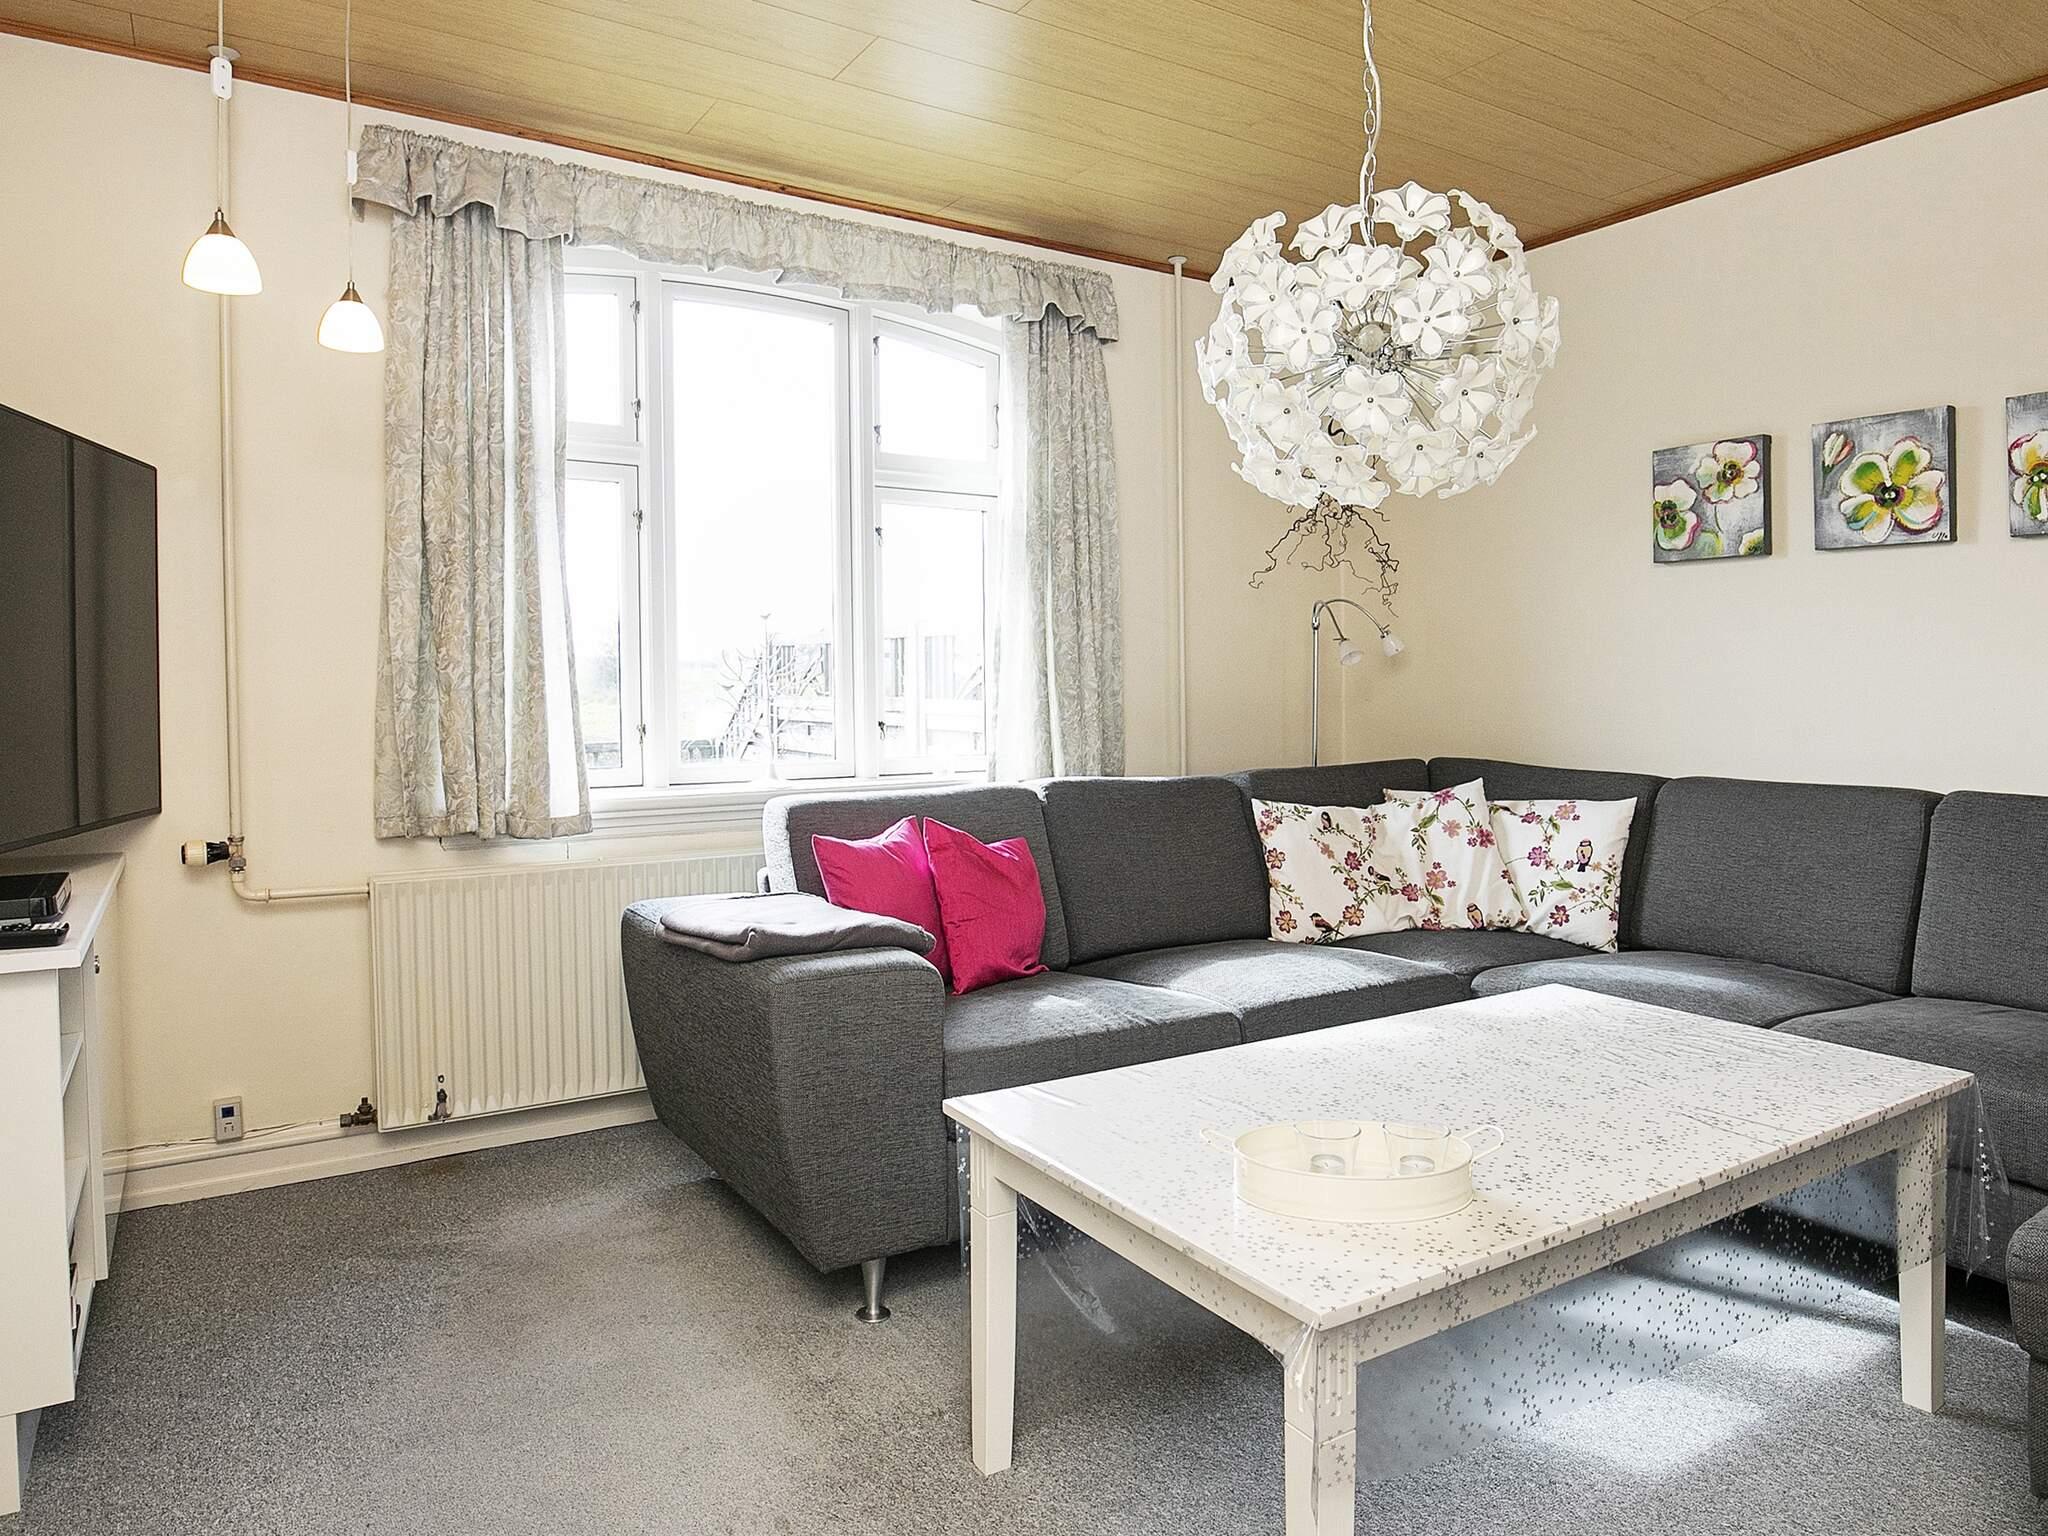 Ferienhaus Ærø/Ærøskøbing (237302), Ærøskøbing, , Ærø, Dänemark, Bild 7